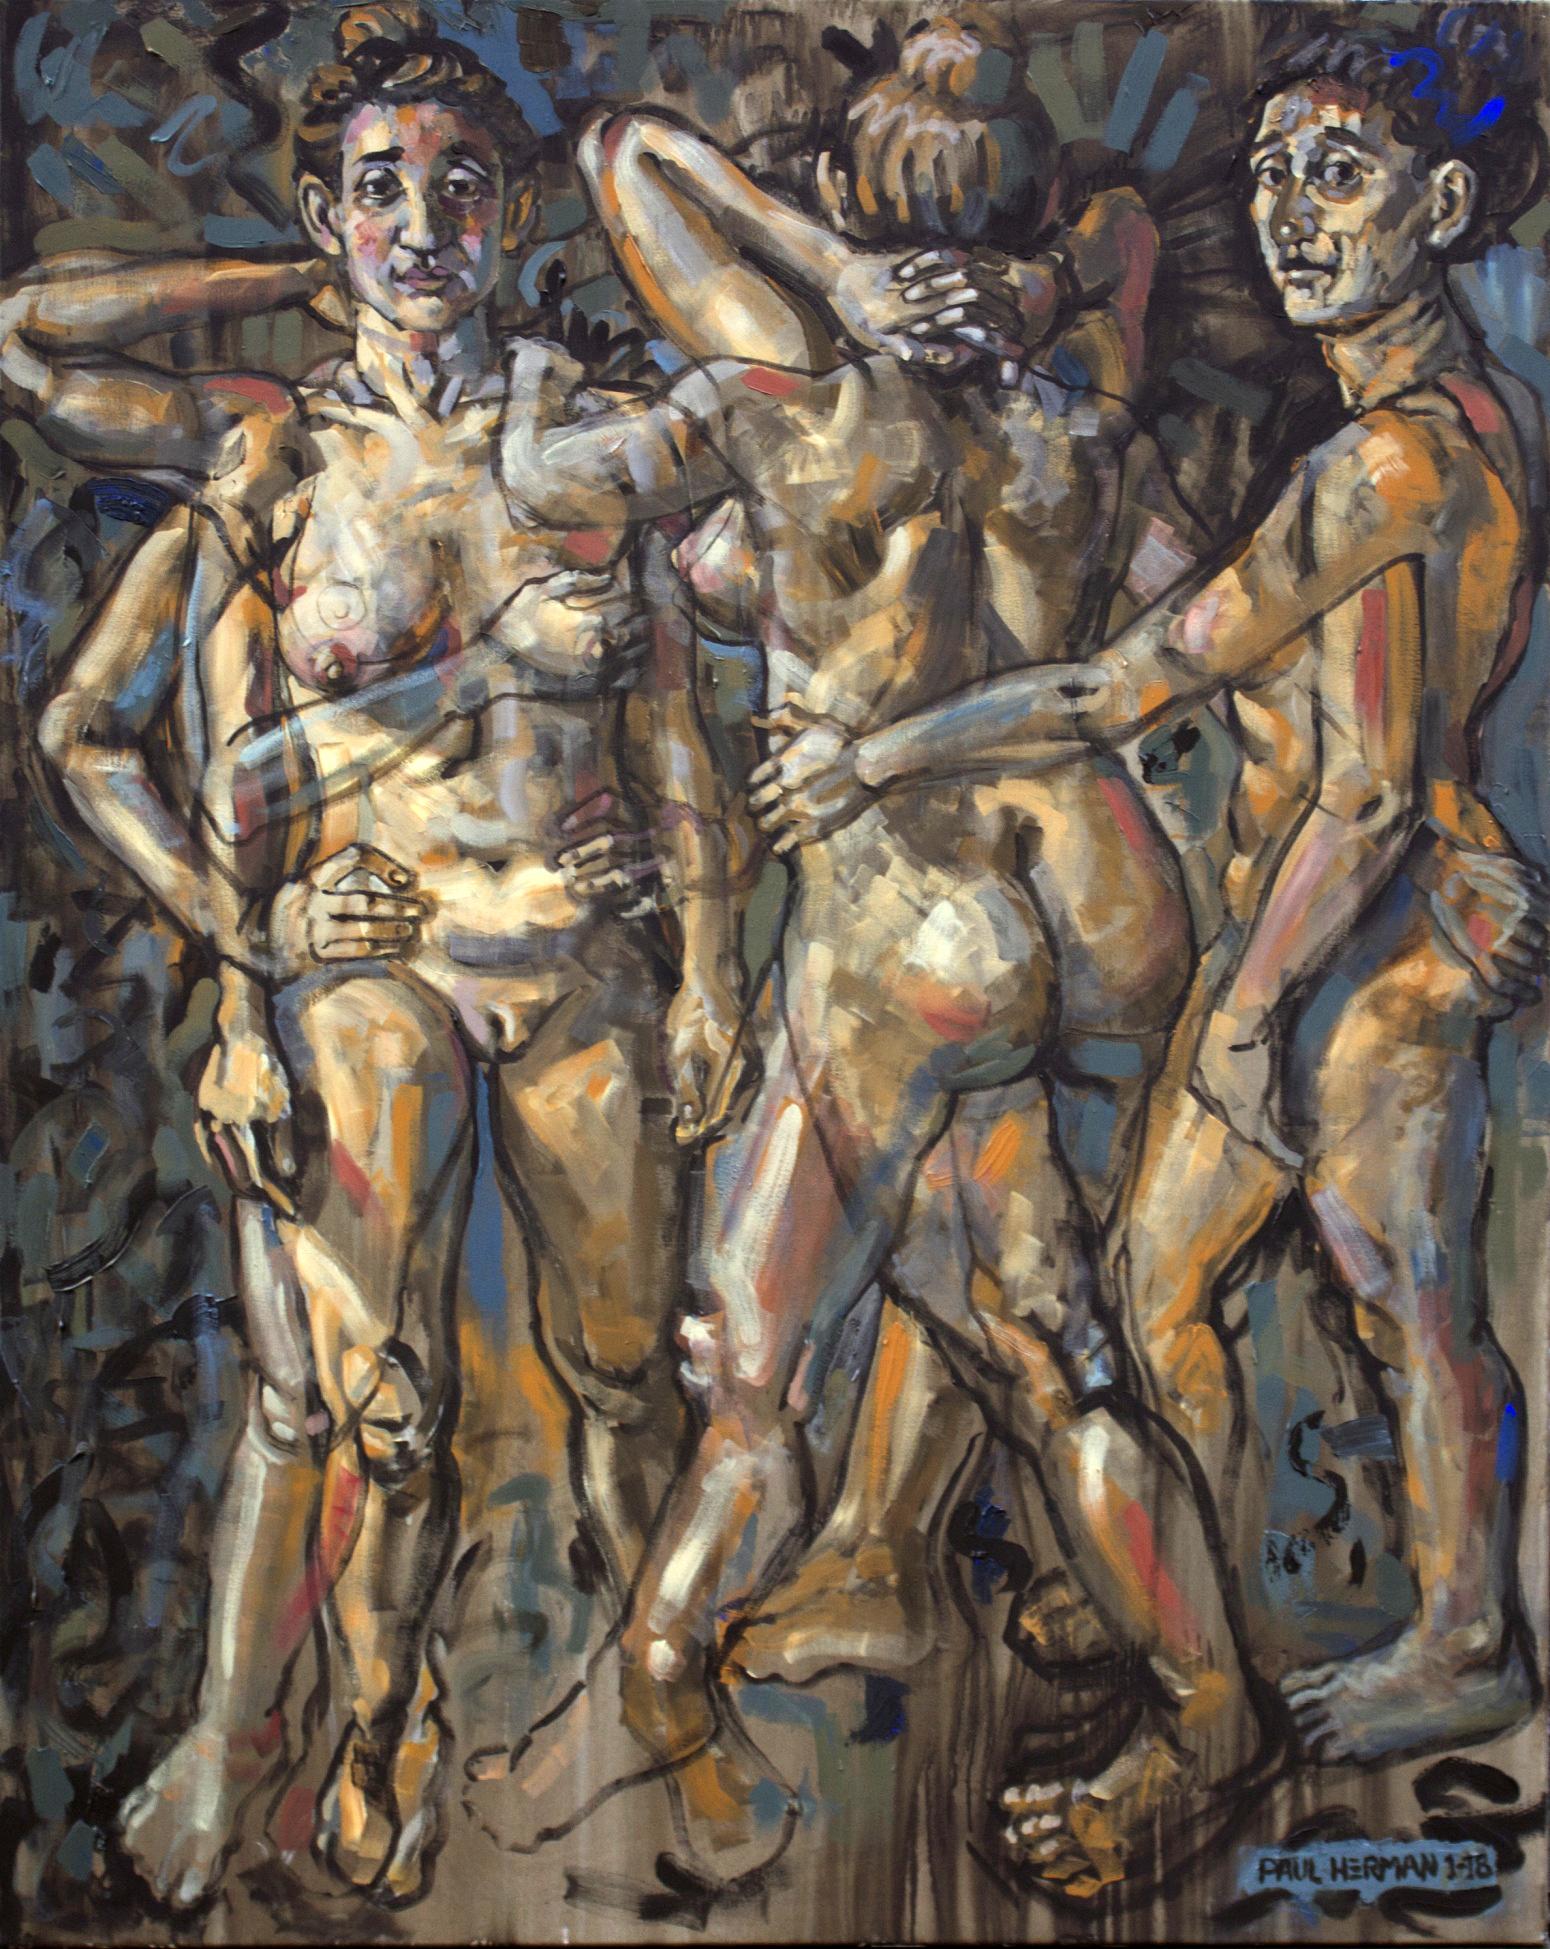 Paul Herman, Europhrynes, Aglaia, & Thalia, Acrylics on canvas, 150 x 120 x 3 cm,  http://hermanstudios.com